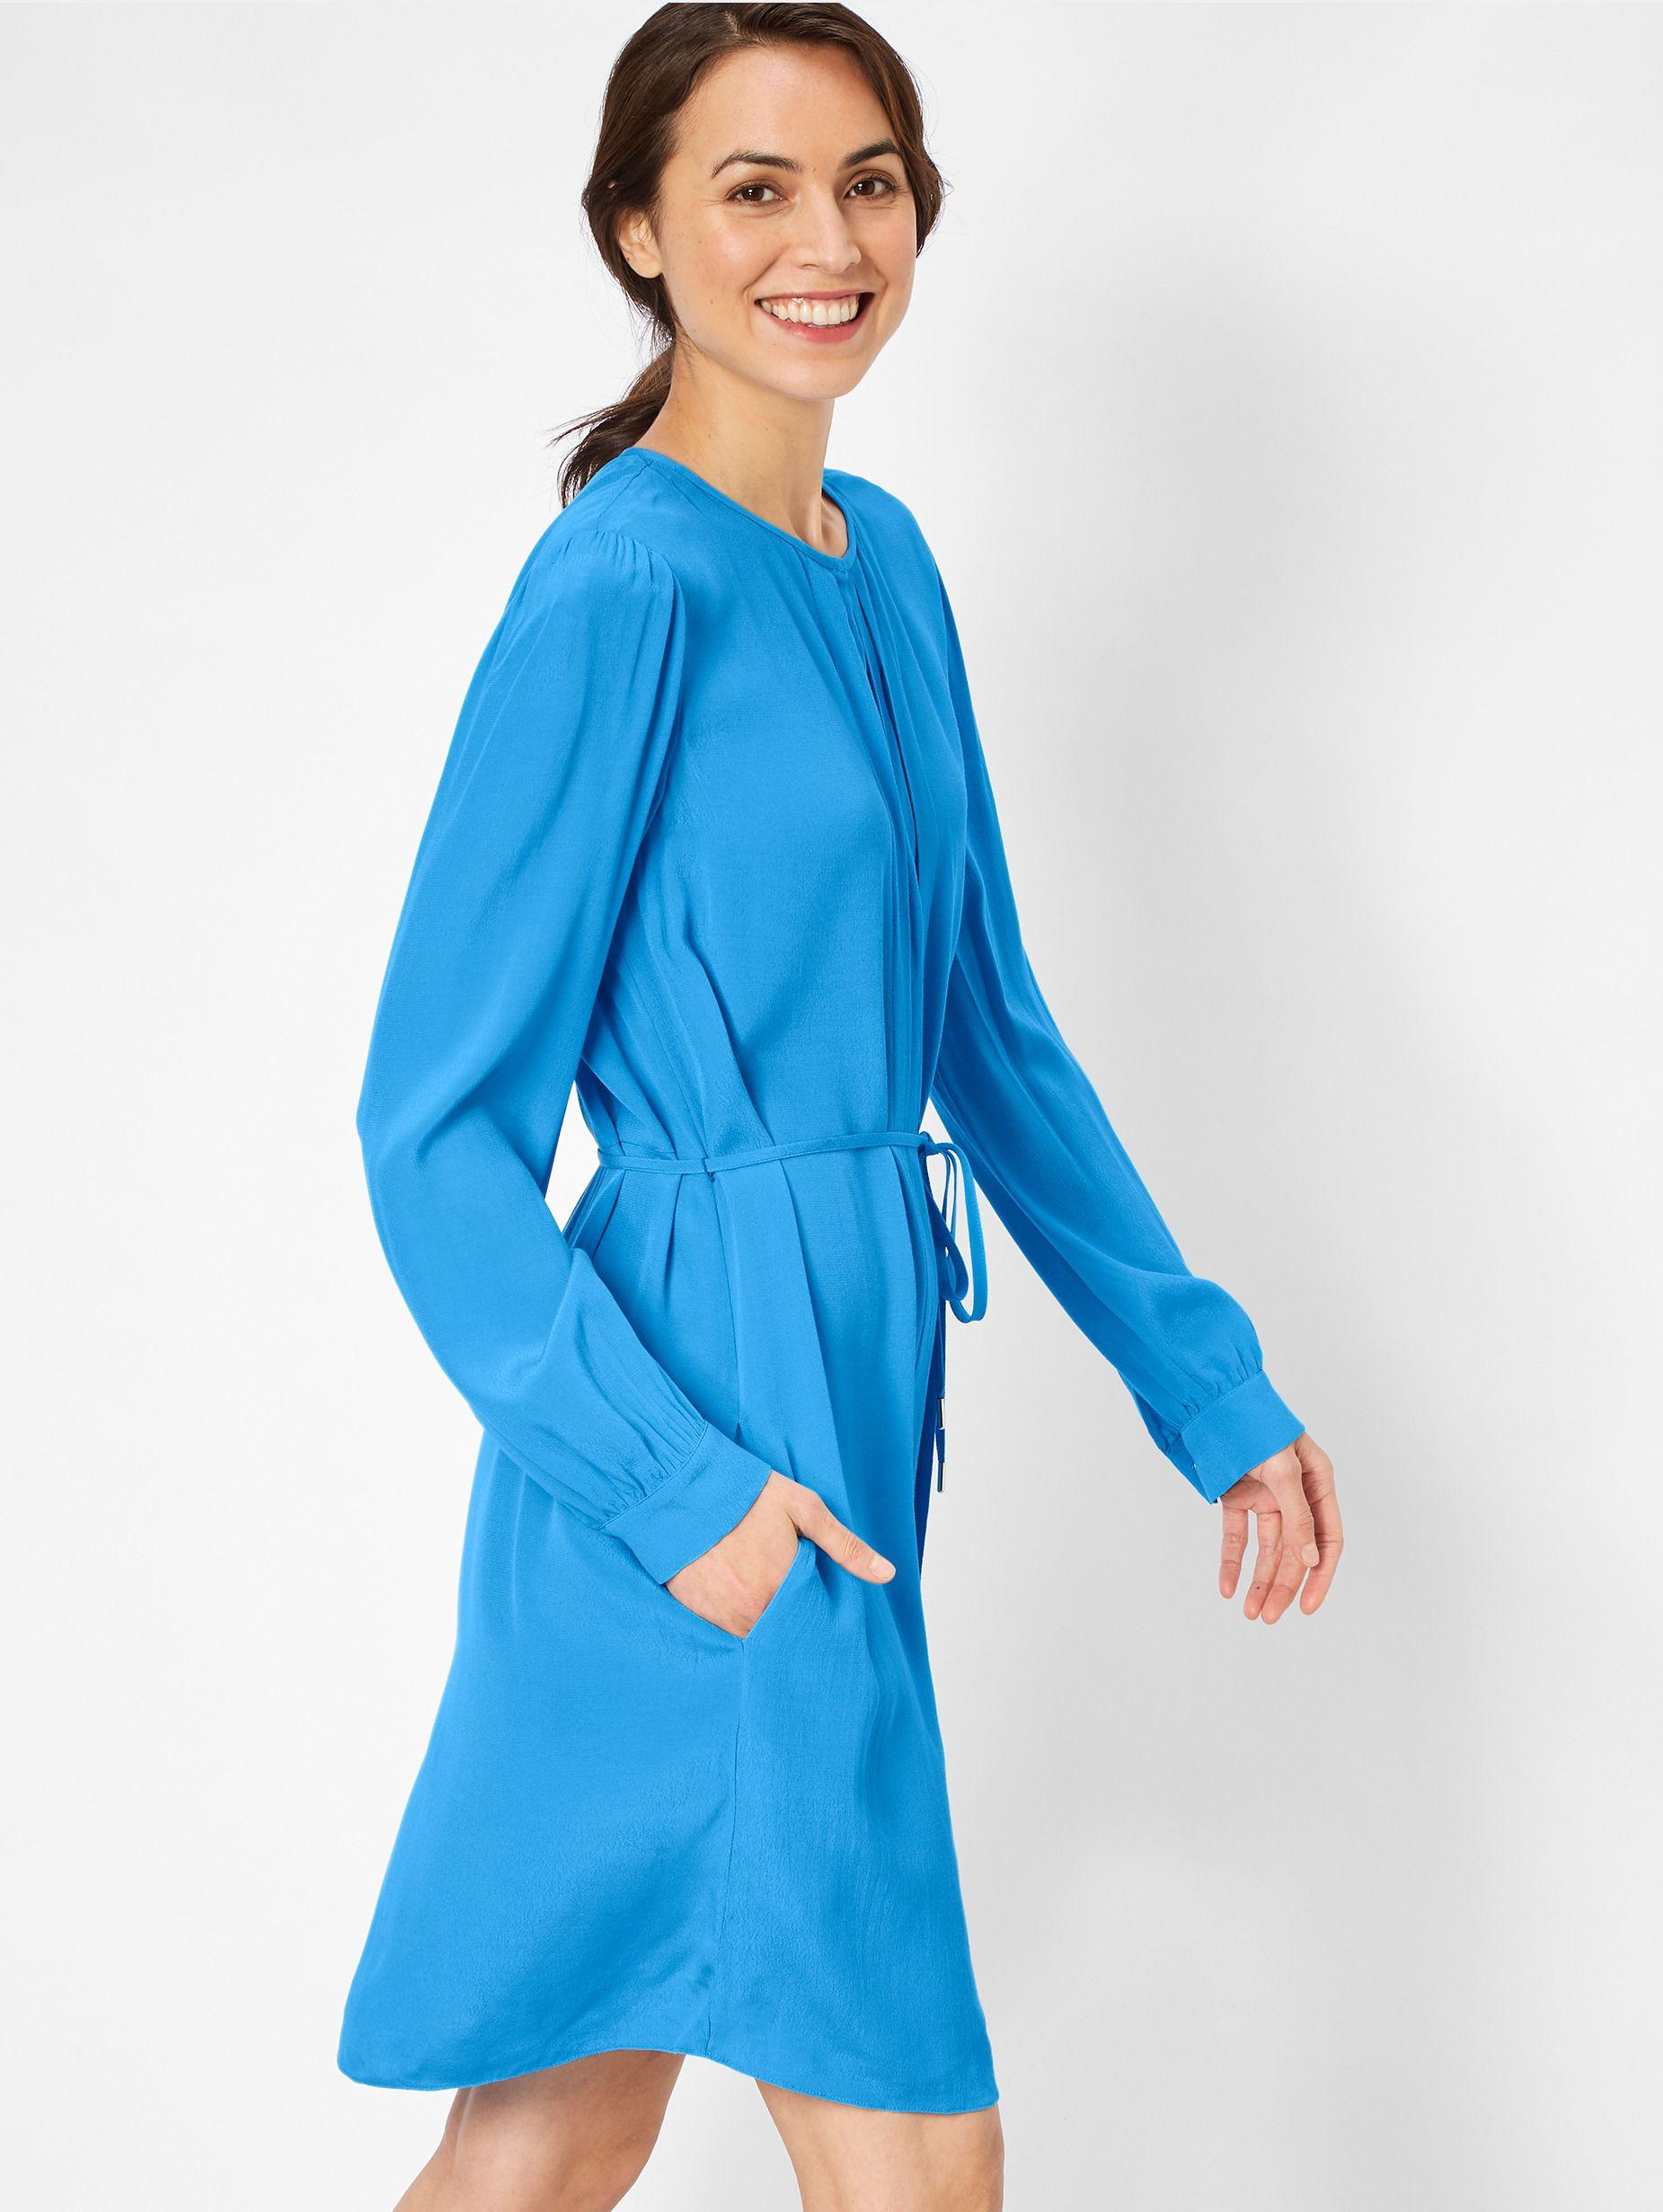 Dieses Kleid in starkem Blau mit langen Ärmeln ist ein ...